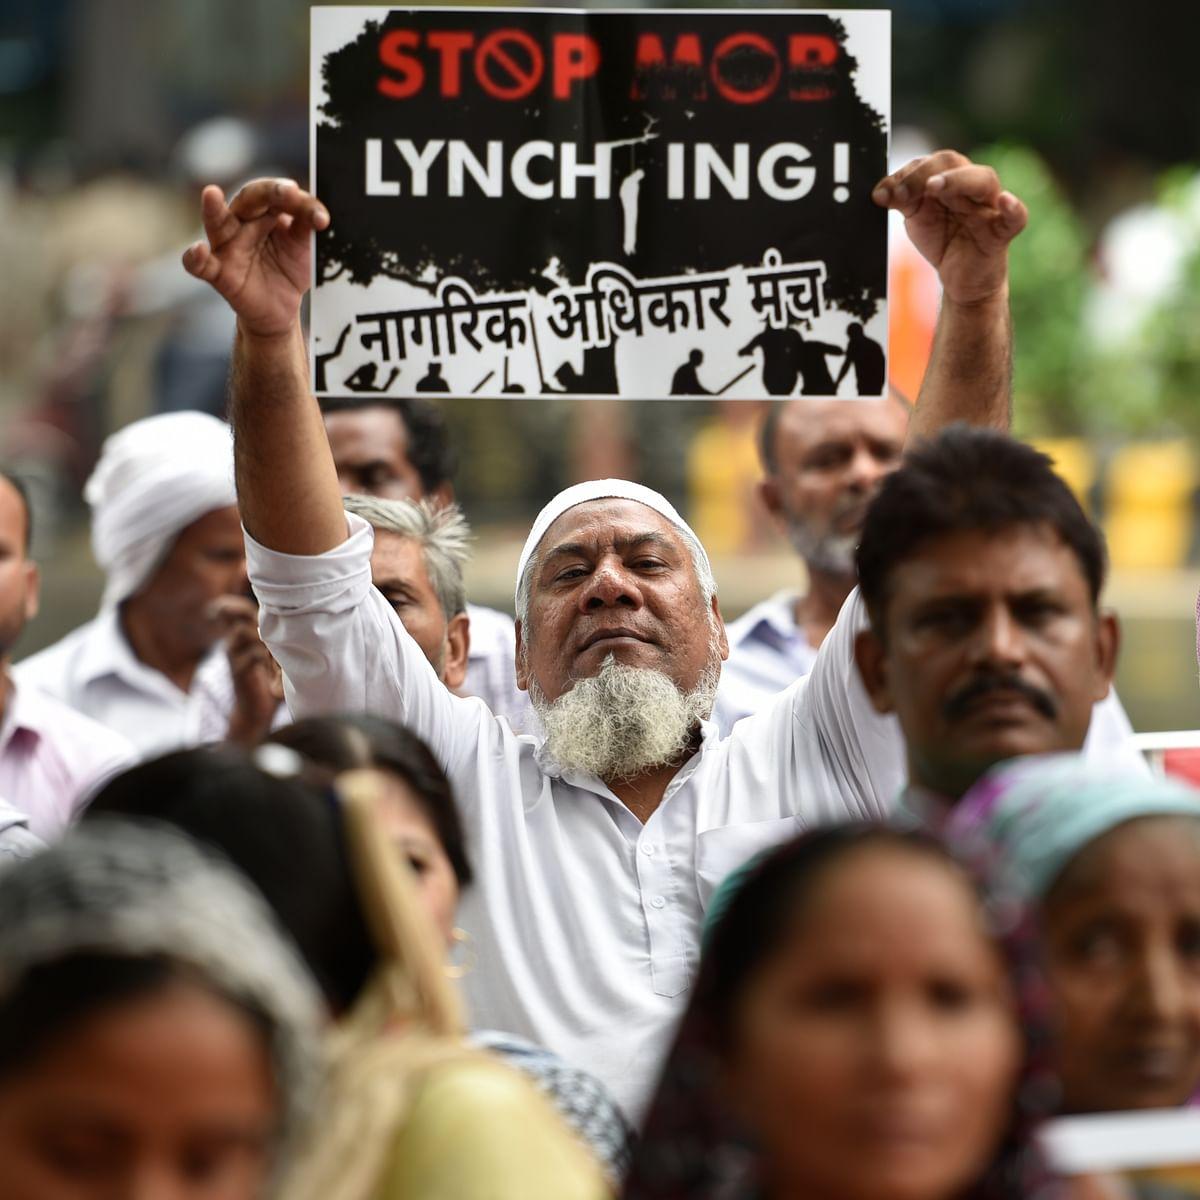 موب لنچنگ کے خلاف مظاہرہ / Getty Images